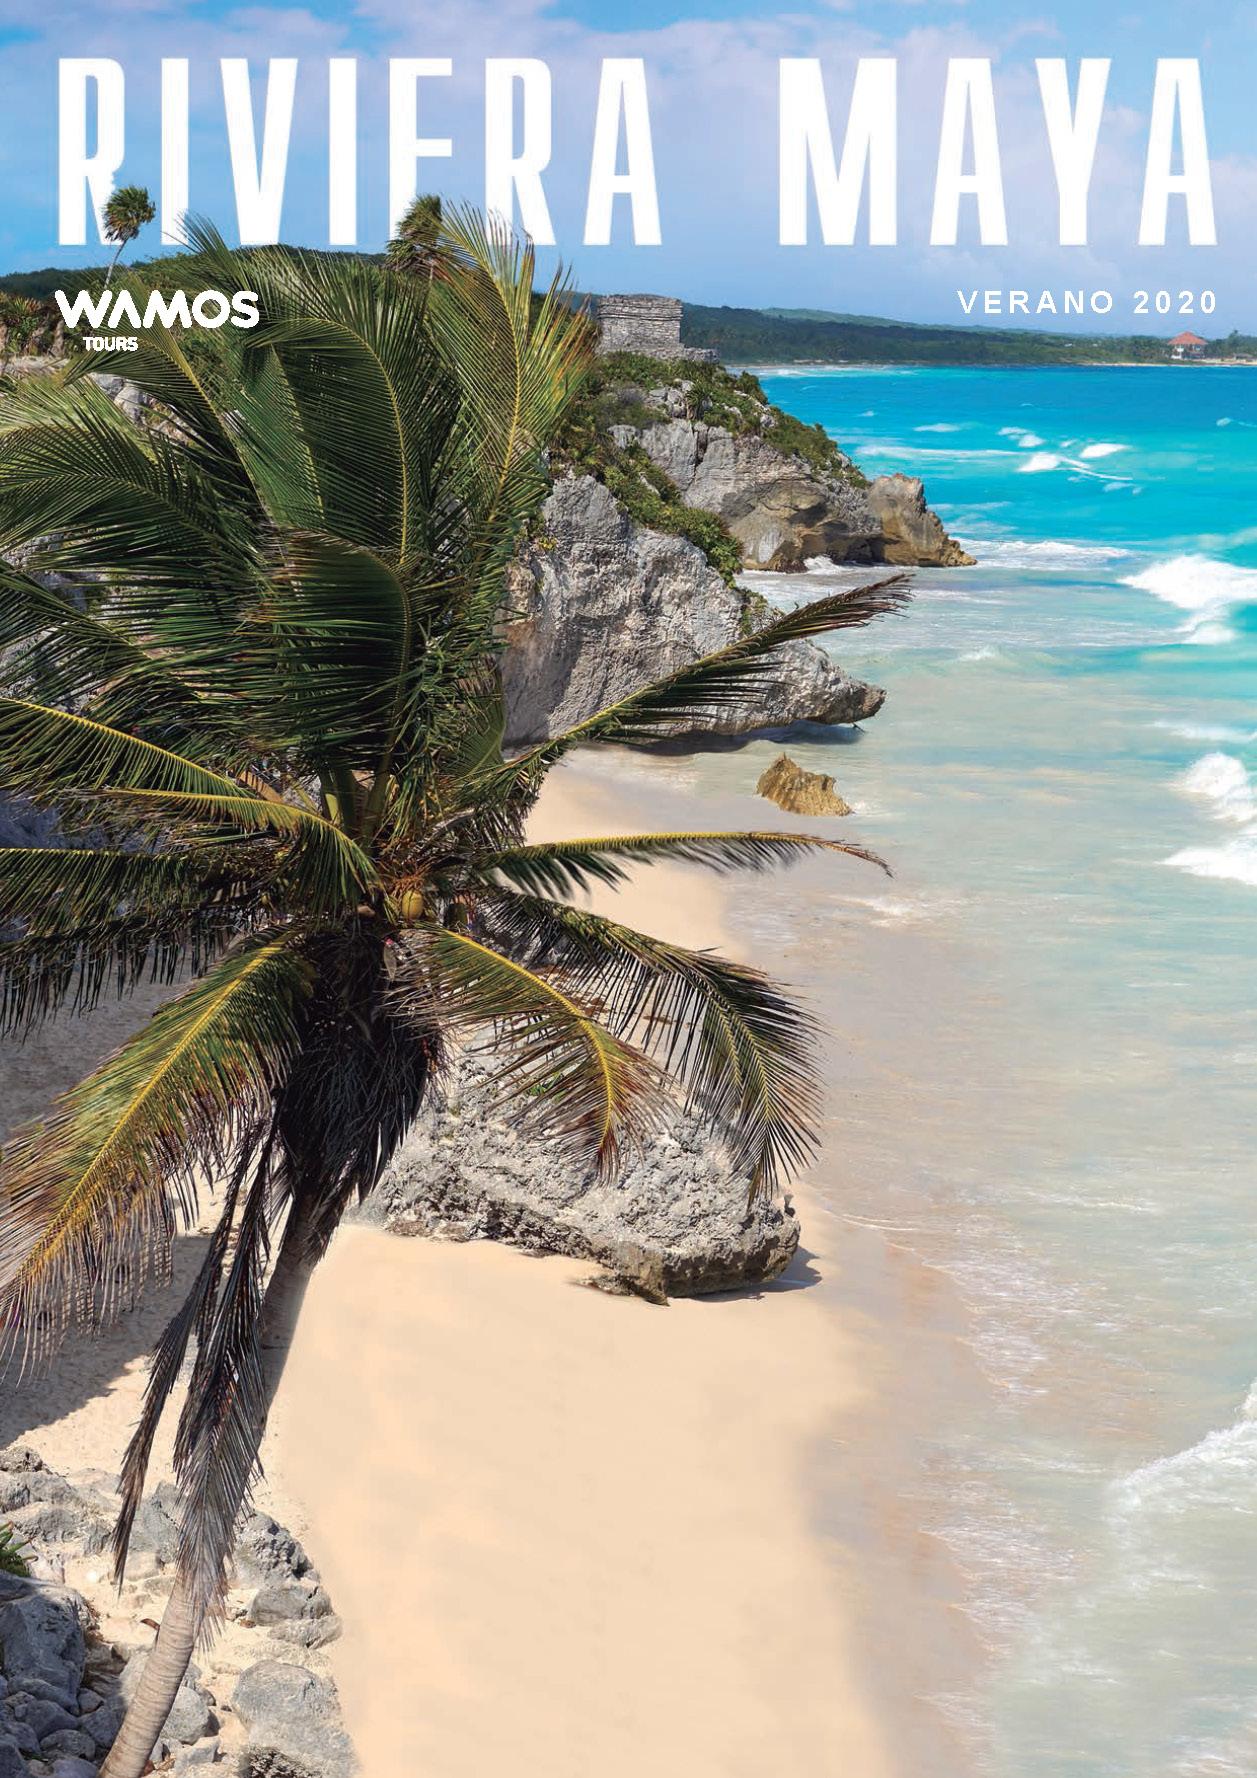 Catalogo Wamos Tours Riviera Maya Verano 2020